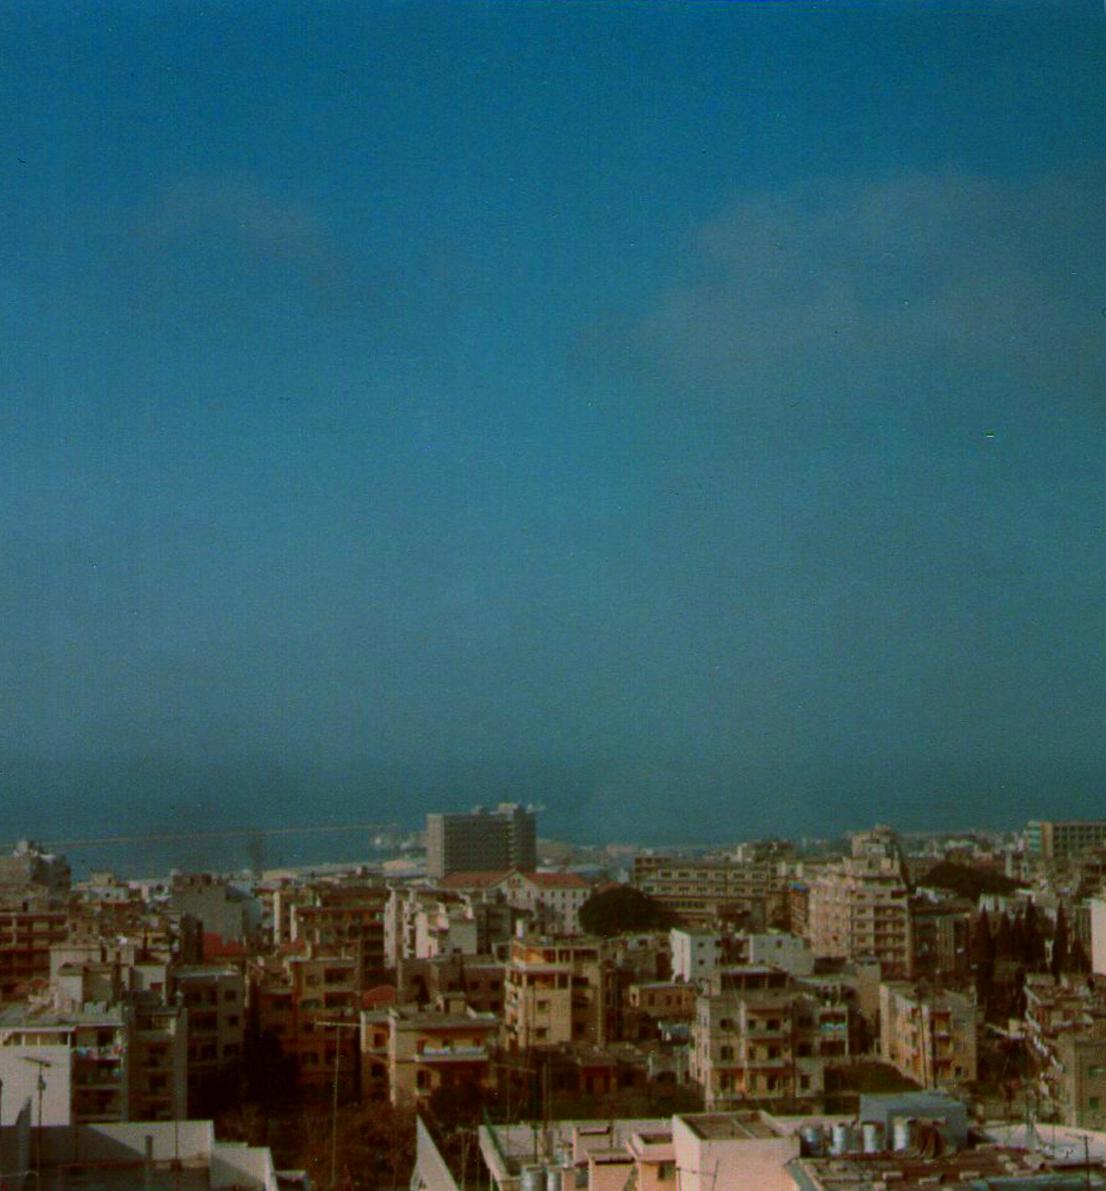 Vue sur Beyrouth depuis l'appartement des Métraux en 1975, photographie de France Métral, diffusé sur les carnets de la Phonothèque avec son autorisation.